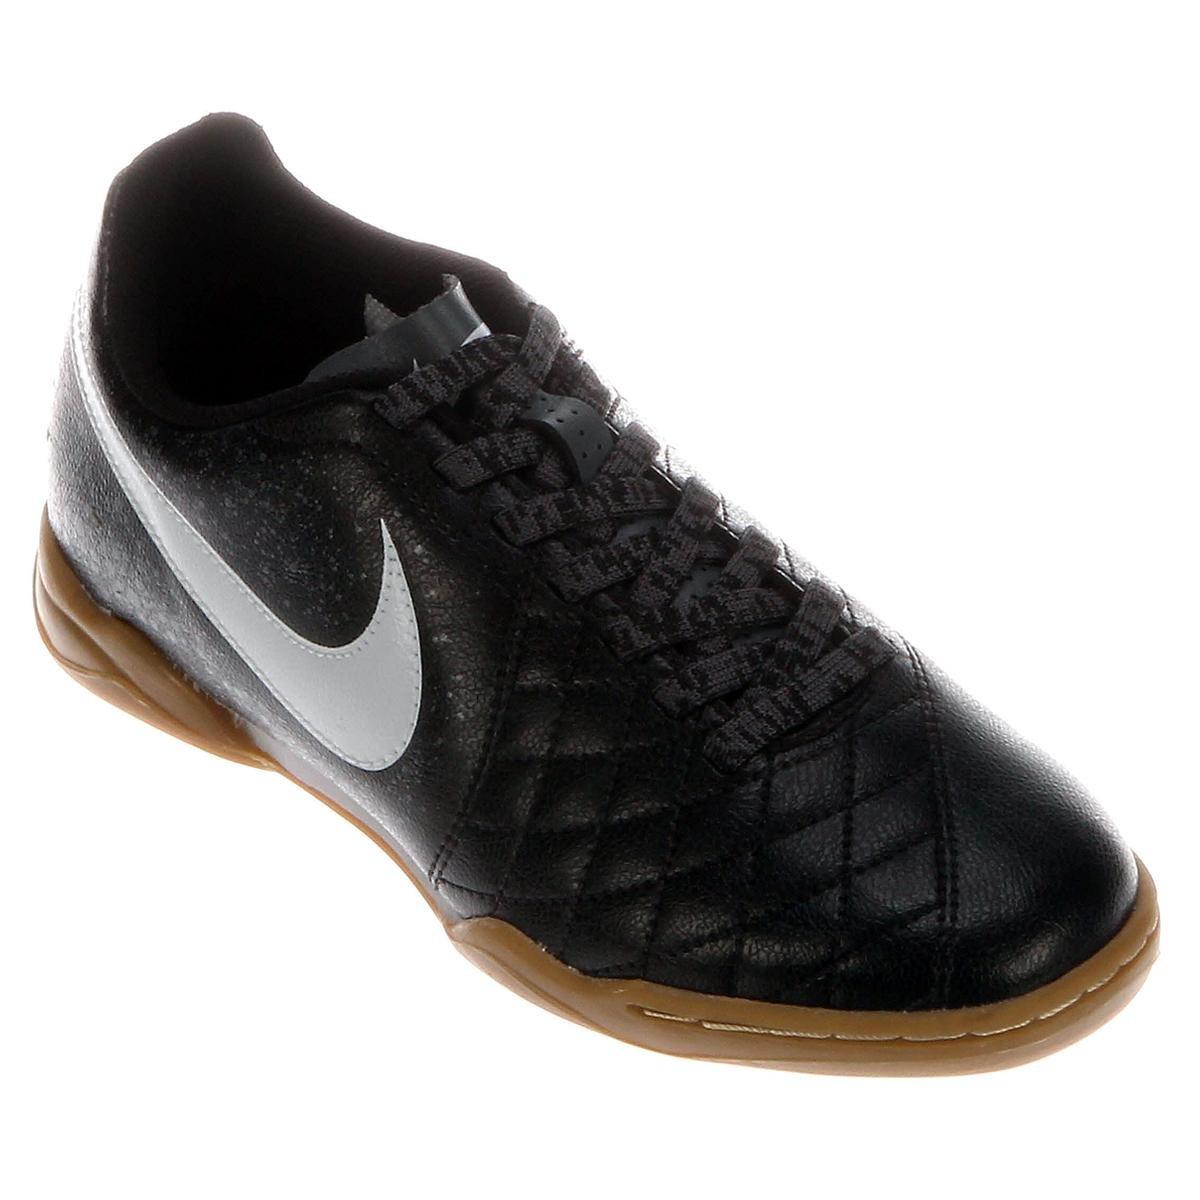 Chuteira Nike Flare 2 IC Juvenil Futsal - Compre Agora  2e2465f95ff55